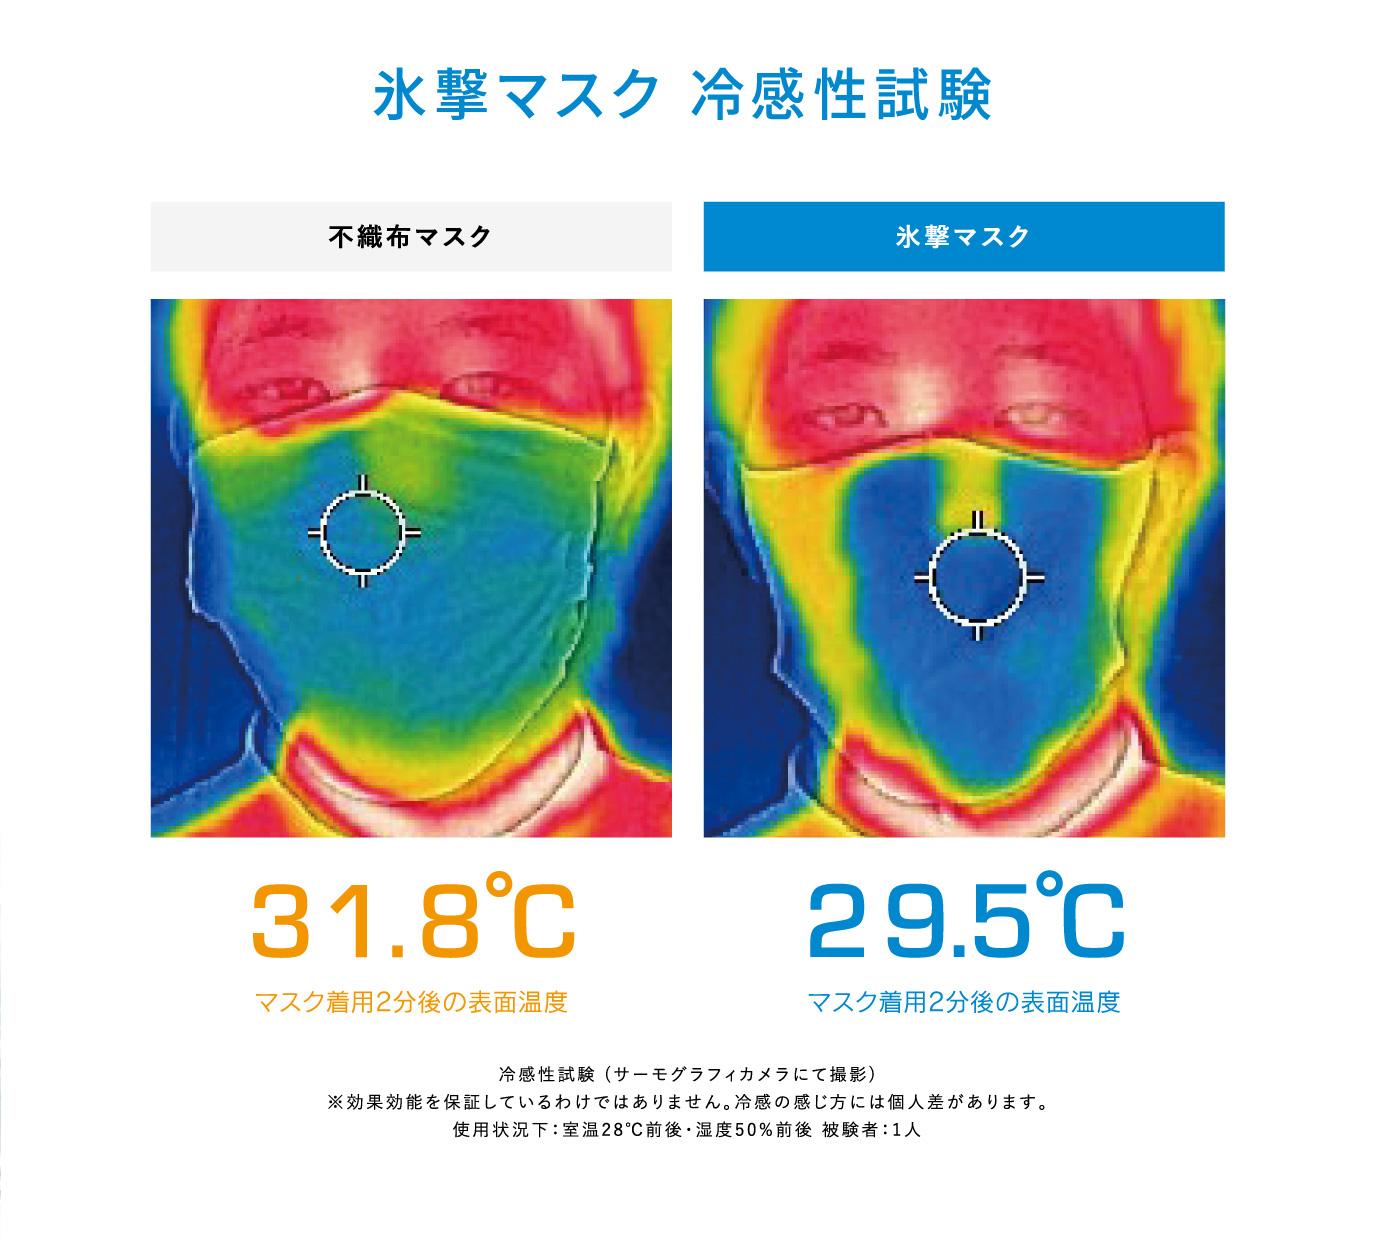 氷撃マスク 冷感性試験 不織布マスク 氷撃マスク マスク着用2分後の表面温度 冷感性試験(サーモグラフィカメラにて撮影) ※効果効能を保証しているわけではありません。冷感の感じ方には個人差があります。使用状況下:室温28℃前後・湿度50%前後 被験者:1人